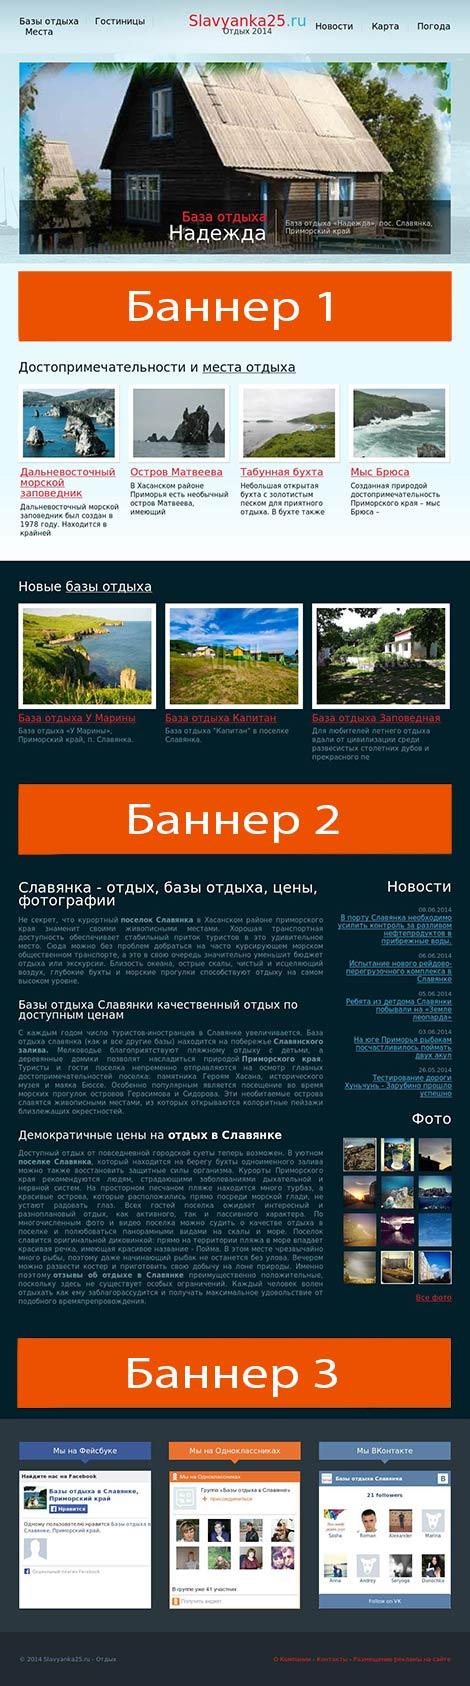 схема размещения рекламы на сайте slavyanka25.ru  height=